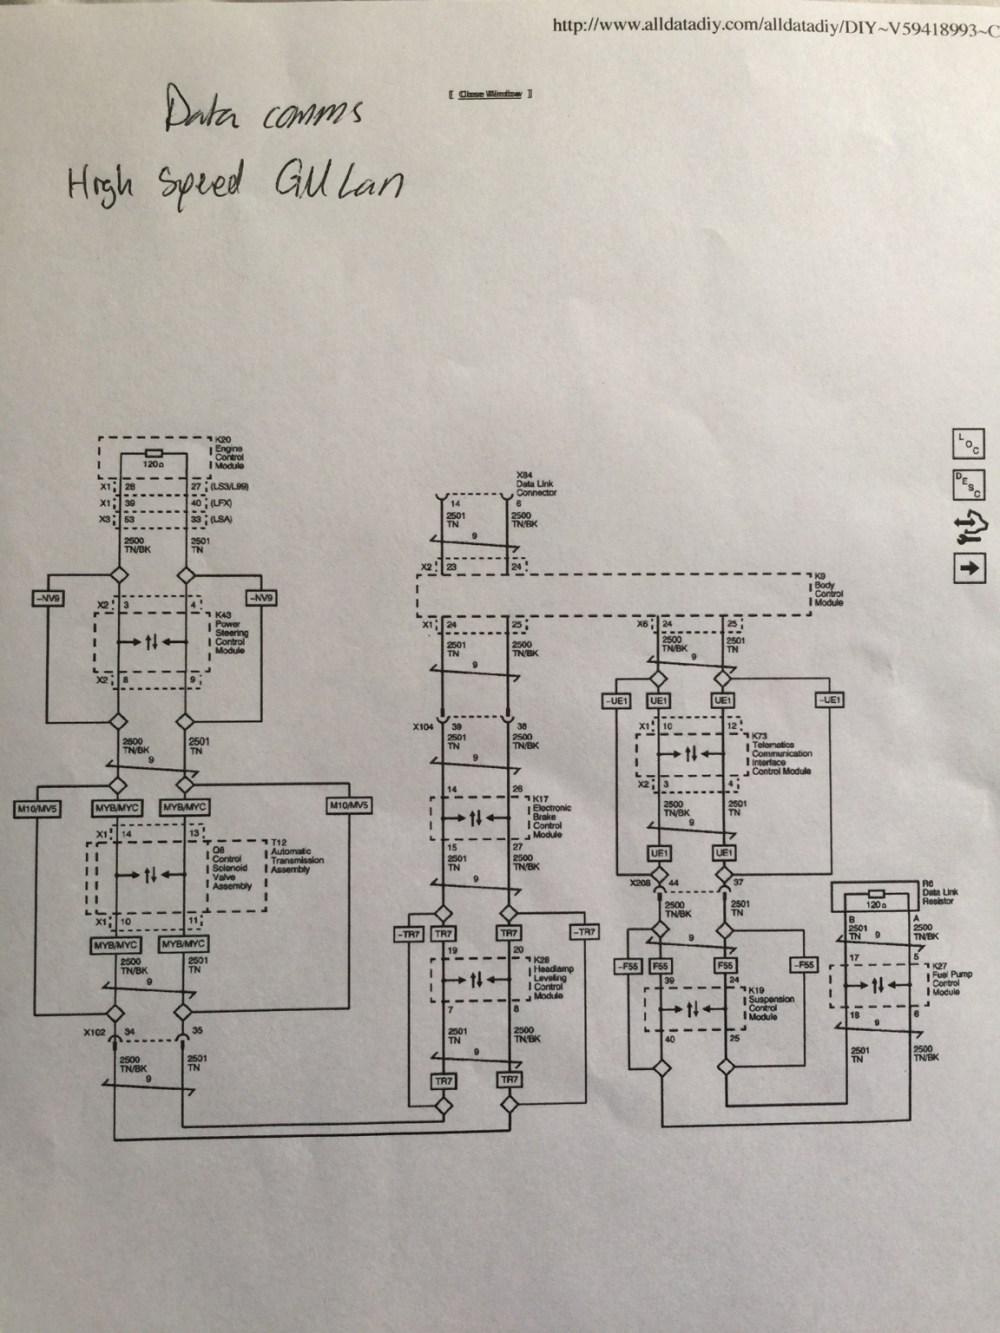 medium resolution of gm lan 29 wiring diagram wiring diagrams konsult gmlan 29 wiring diagram